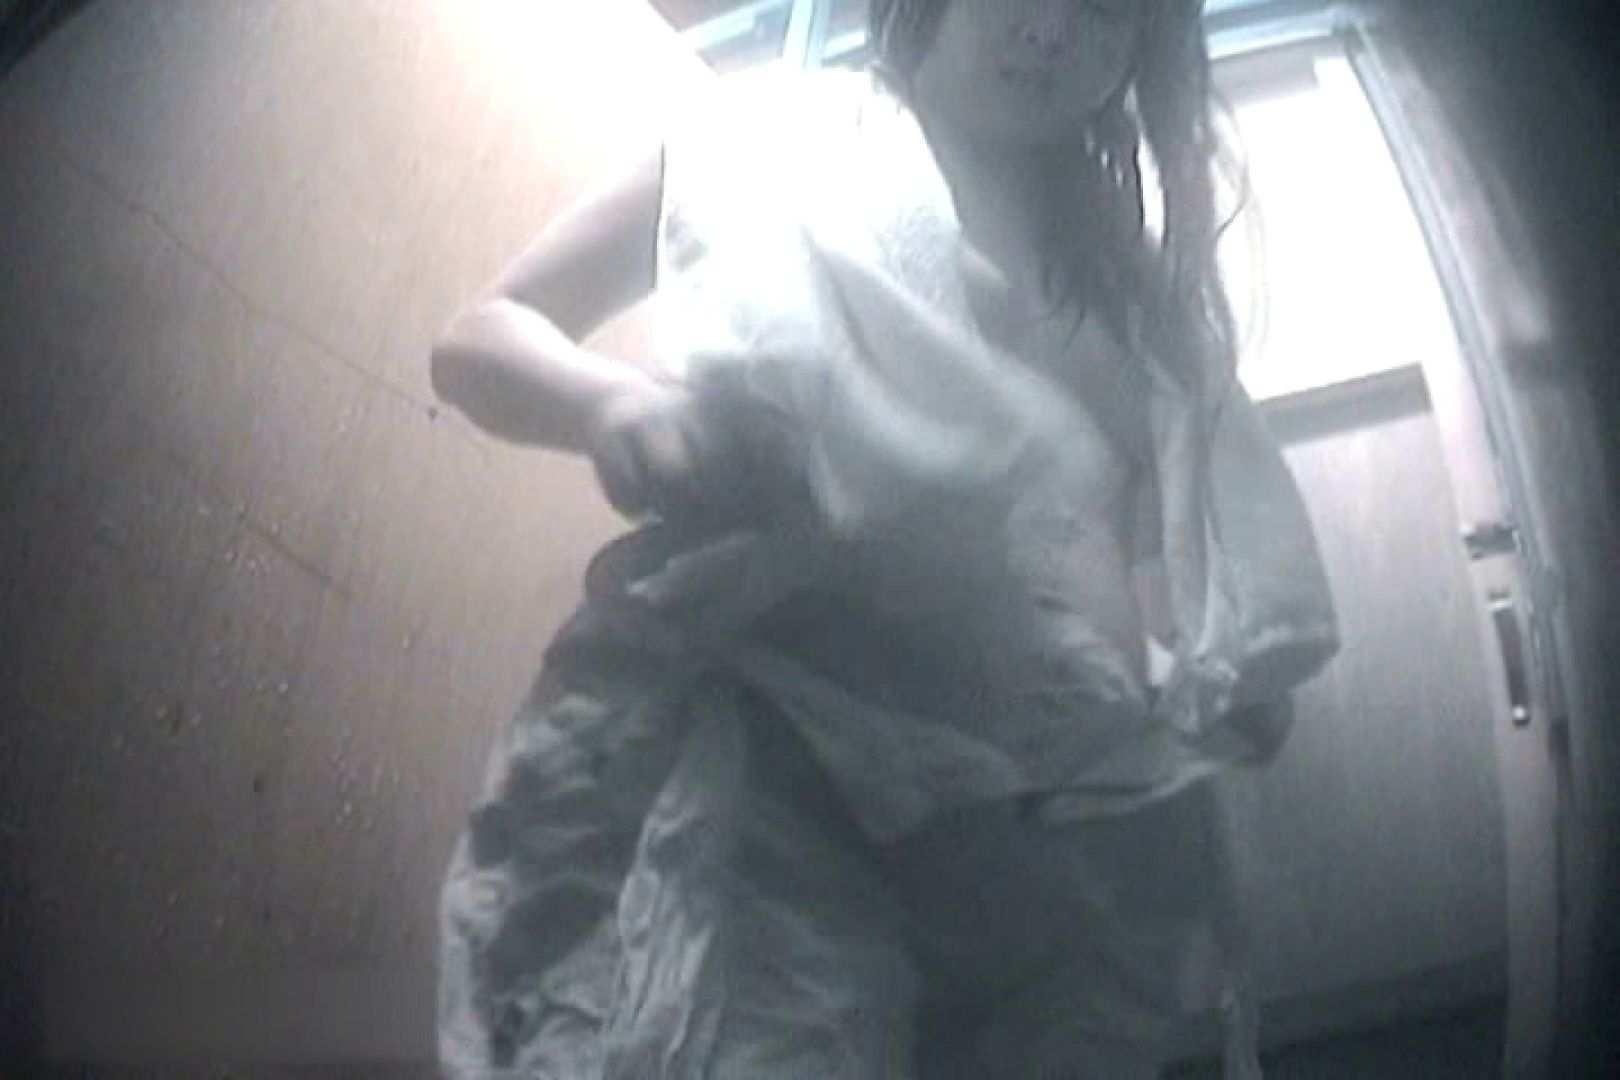 夏海シャワー室!ベトベトお肌をサラサラに!VOL.11 シャワー室 われめAV動画紹介 105連発 48